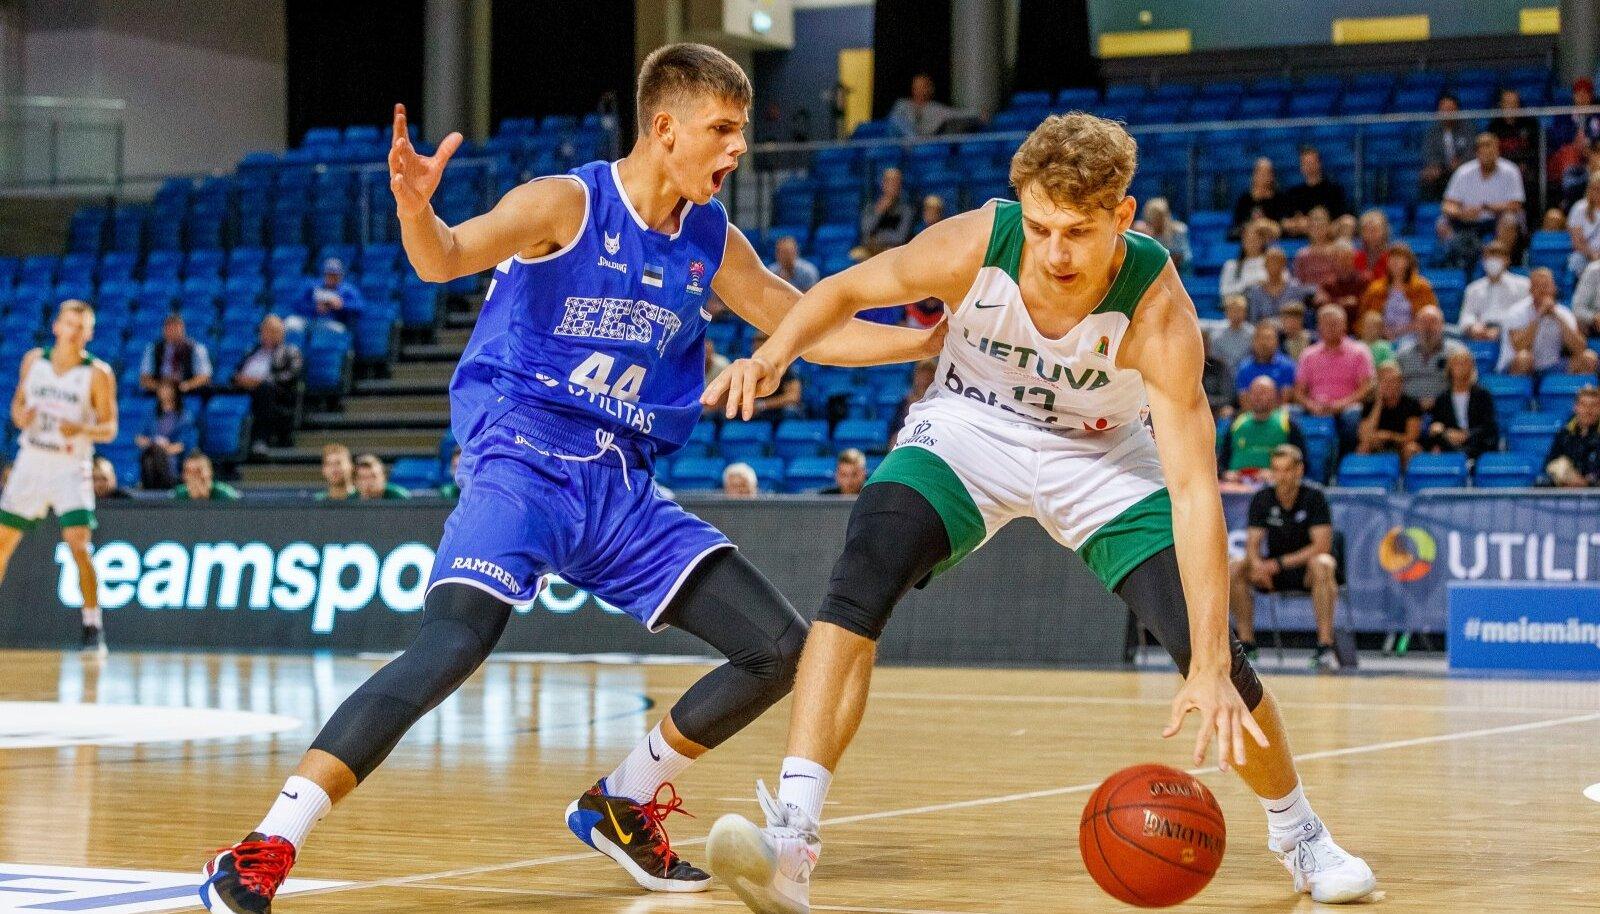 Kerr Kriisa (vasakul) kohtumises Leedu vastu.